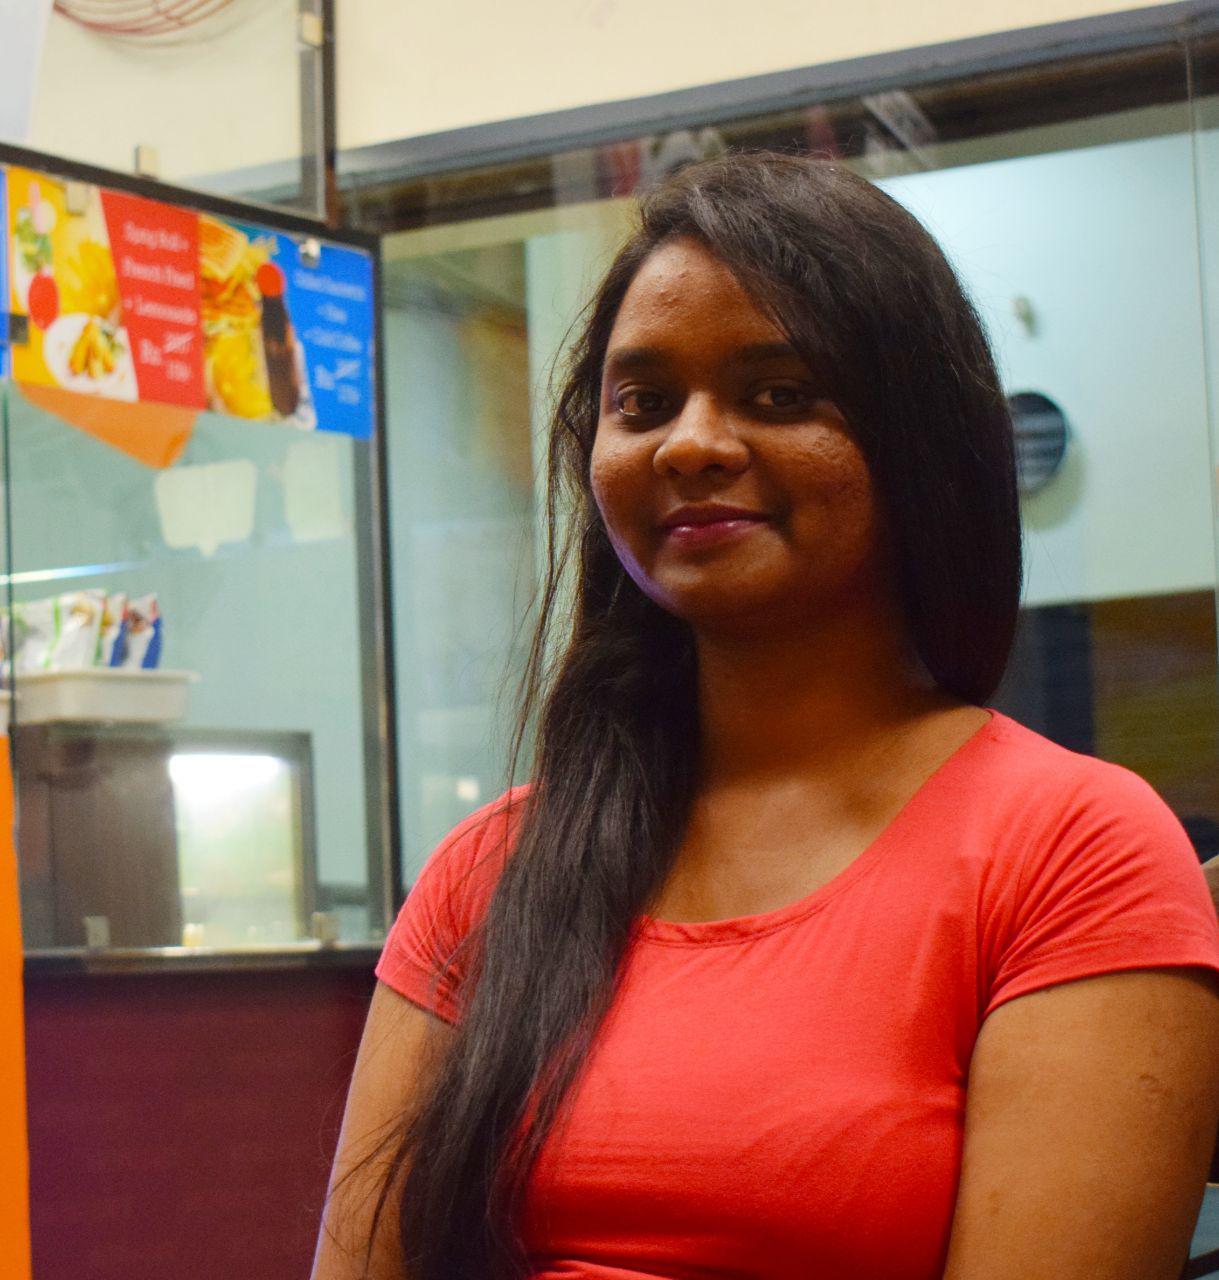 Prarthana Earla